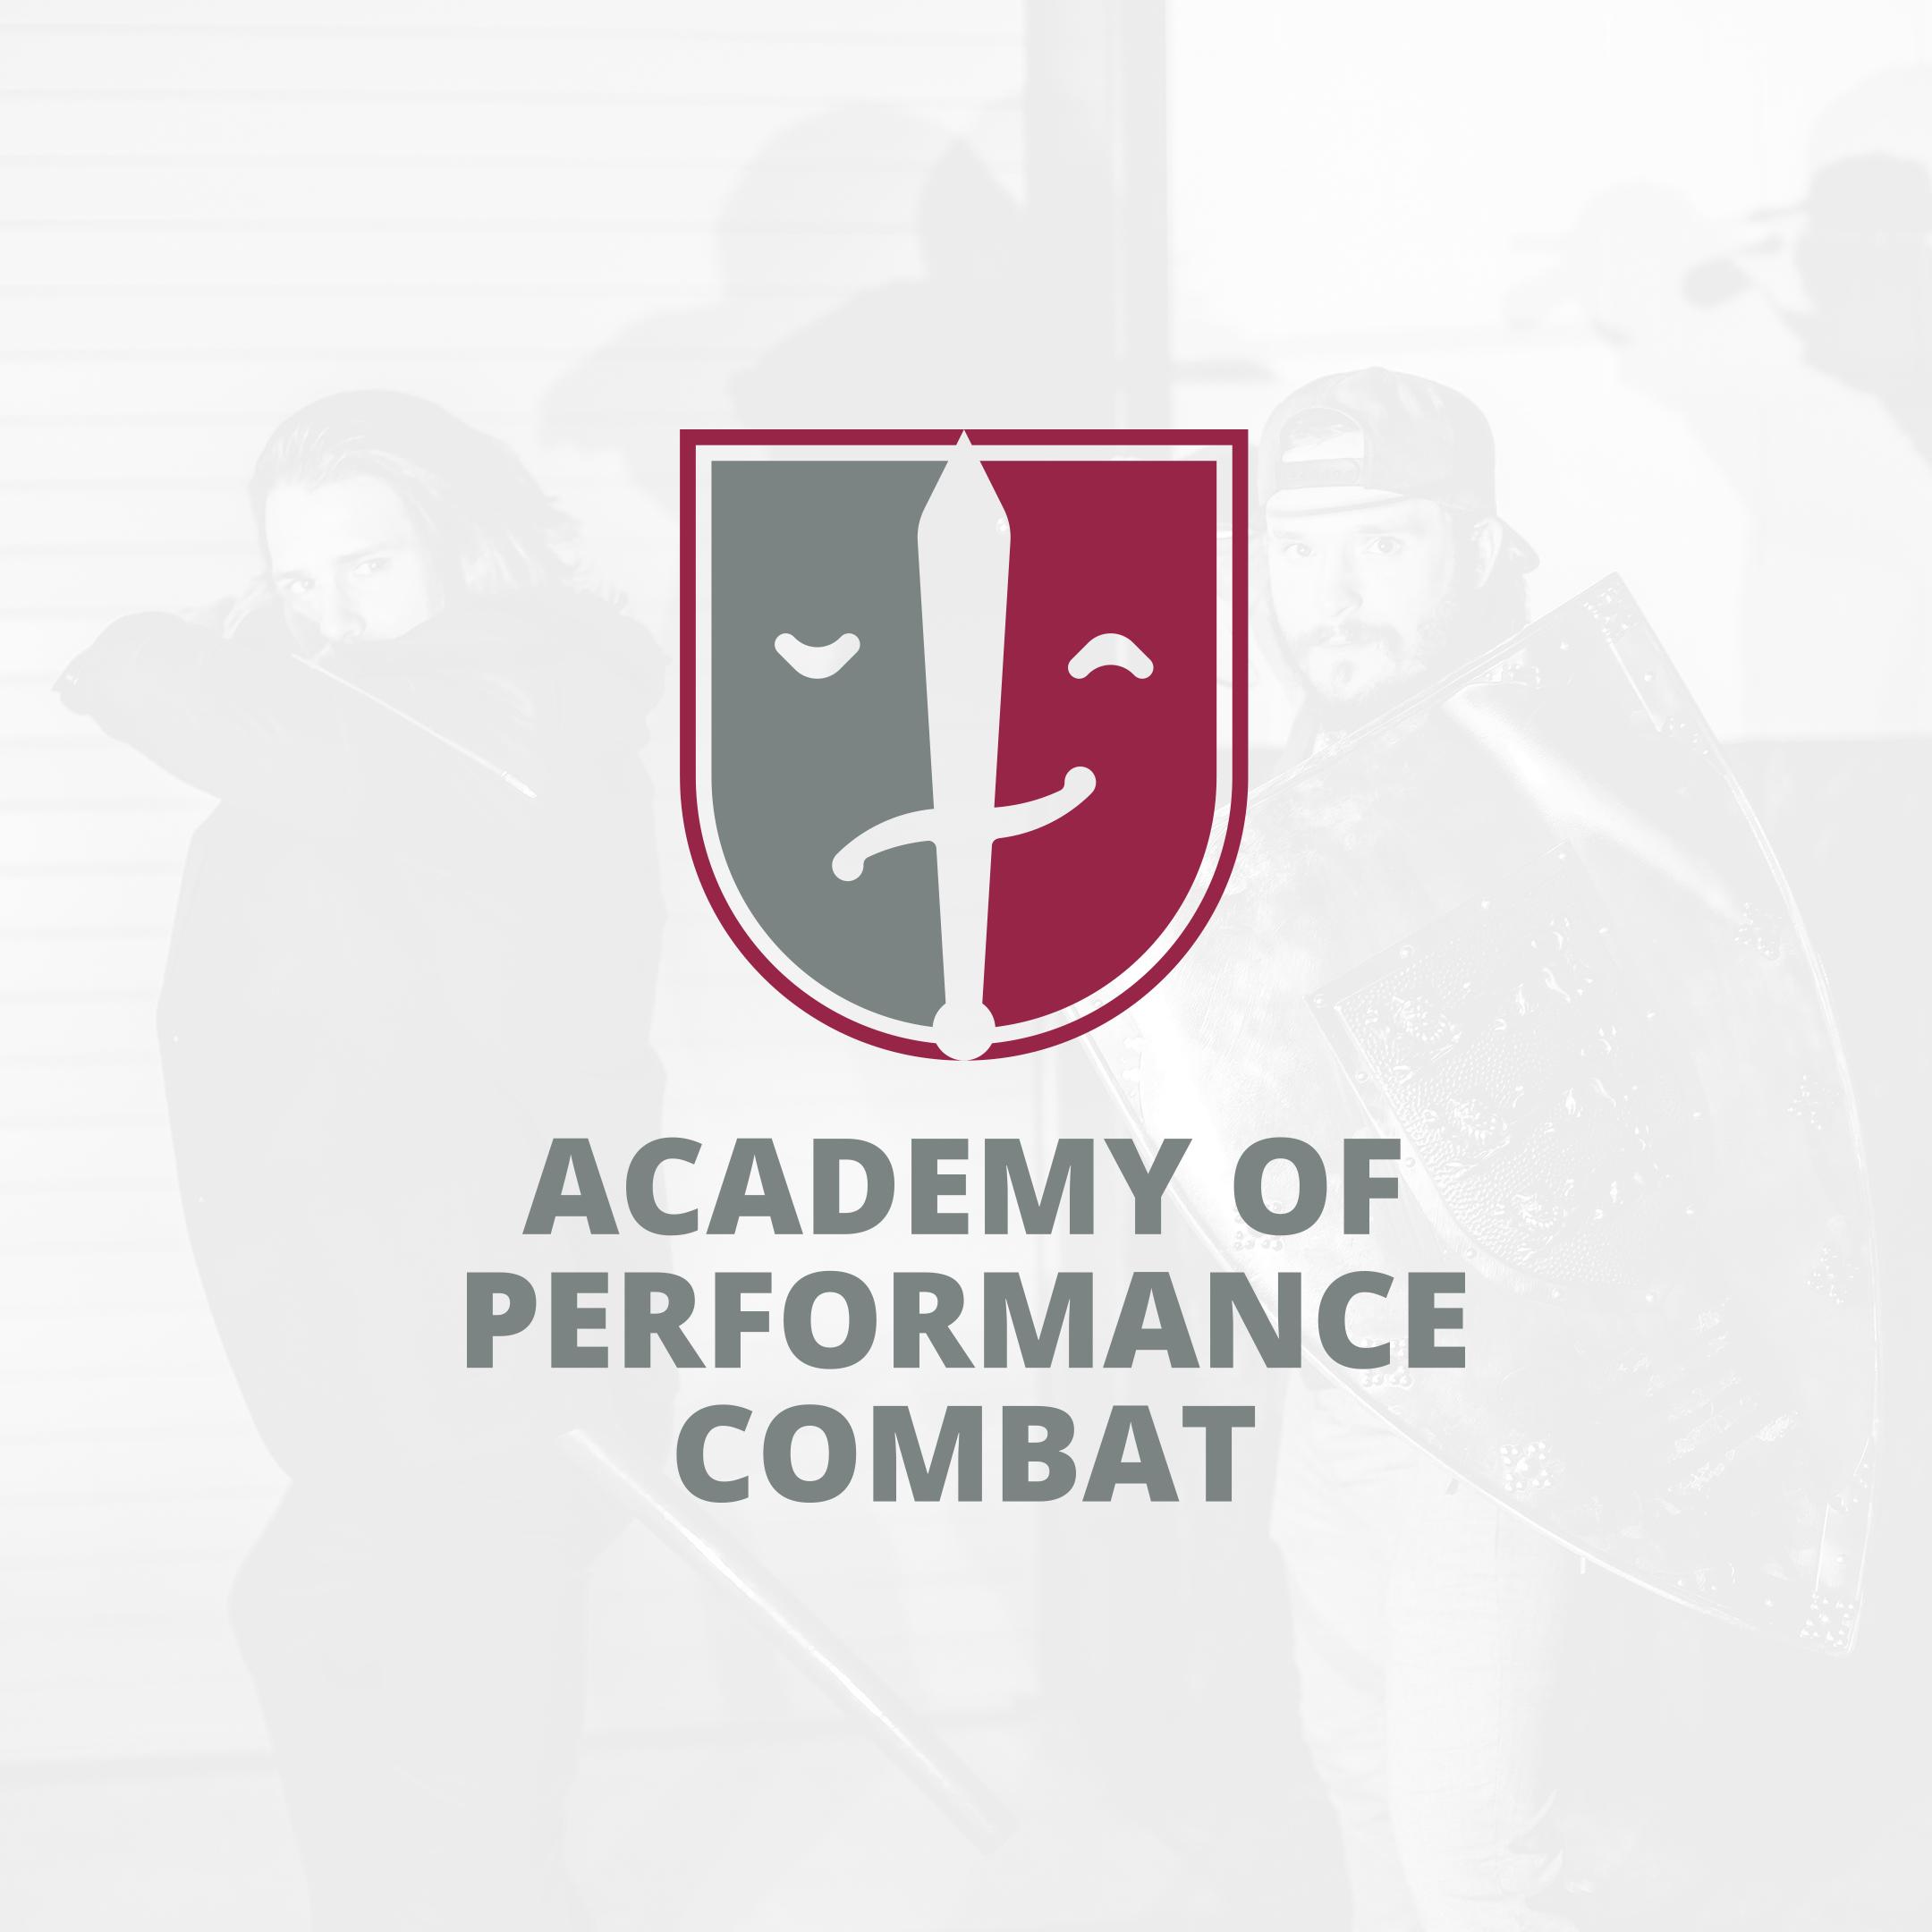 Academy of Performance Combat